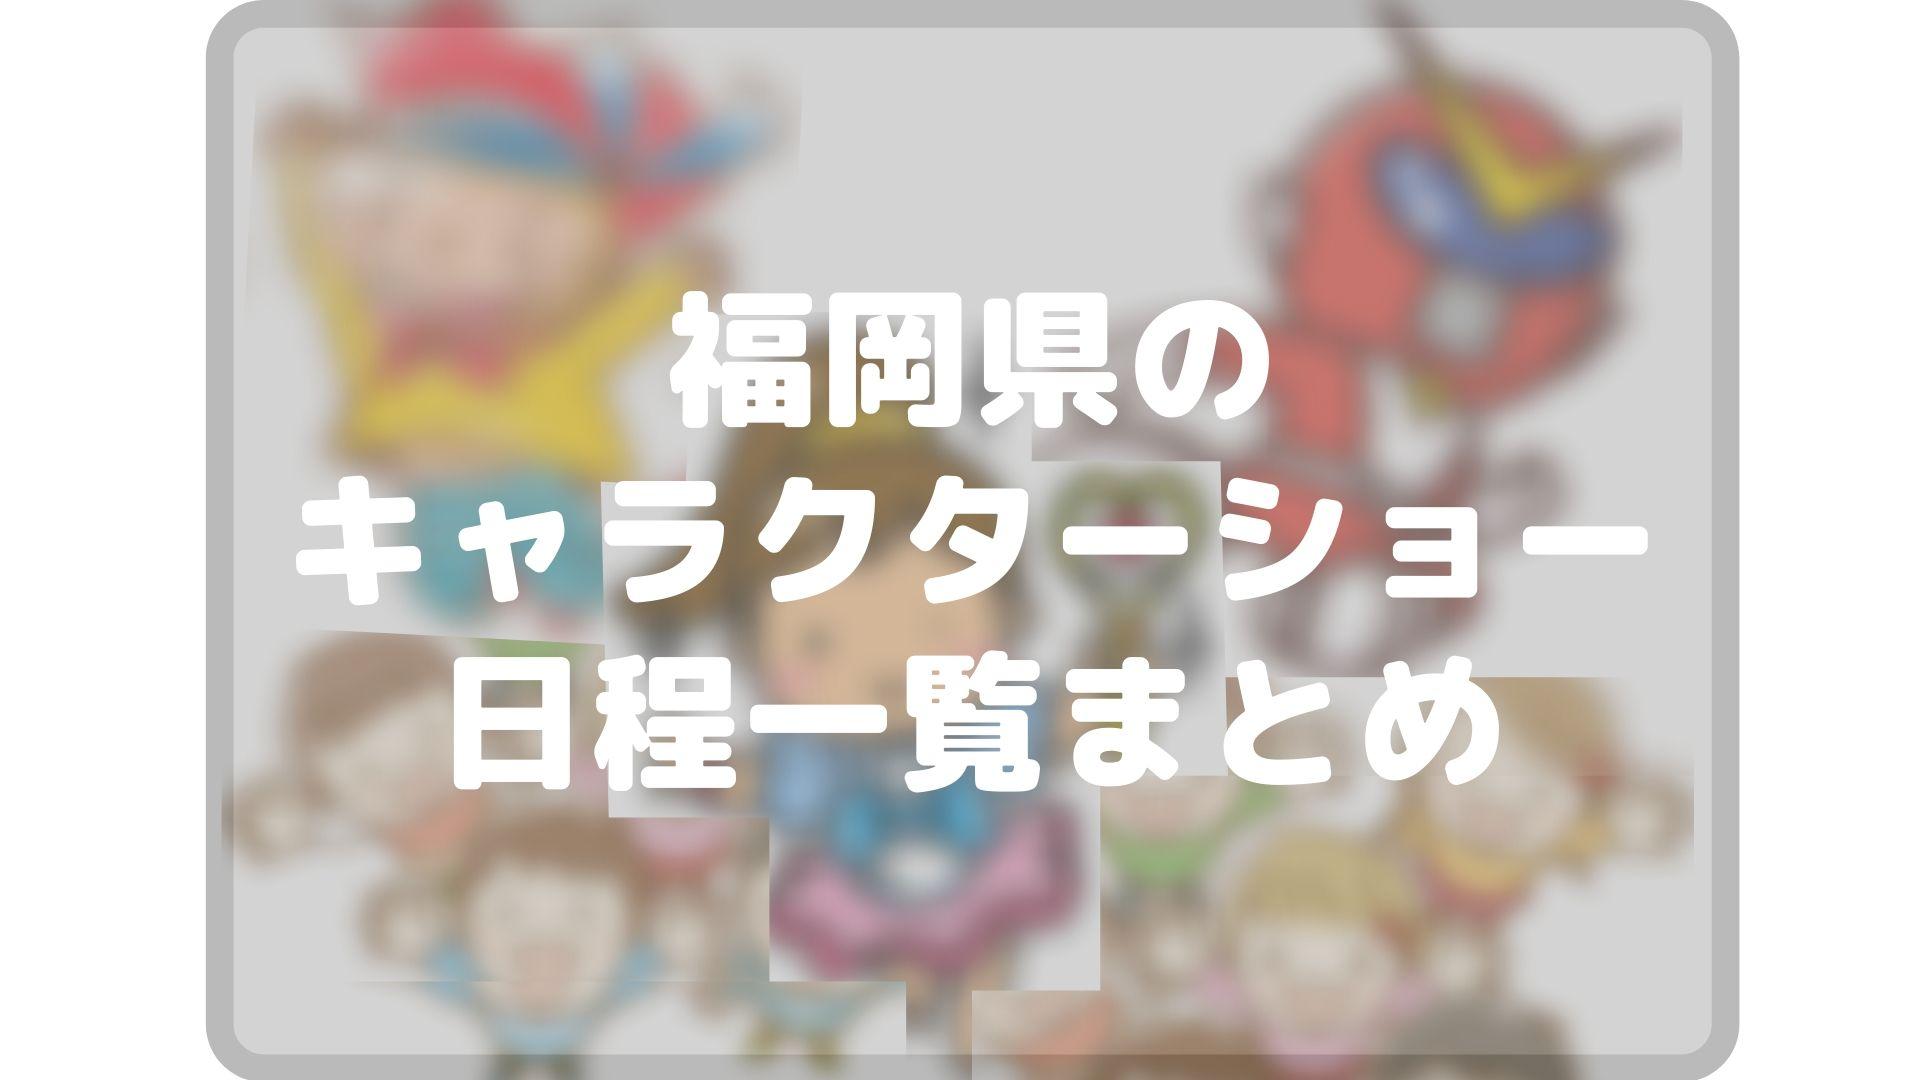 福岡県のキャラクターショーまとめタイトル画像